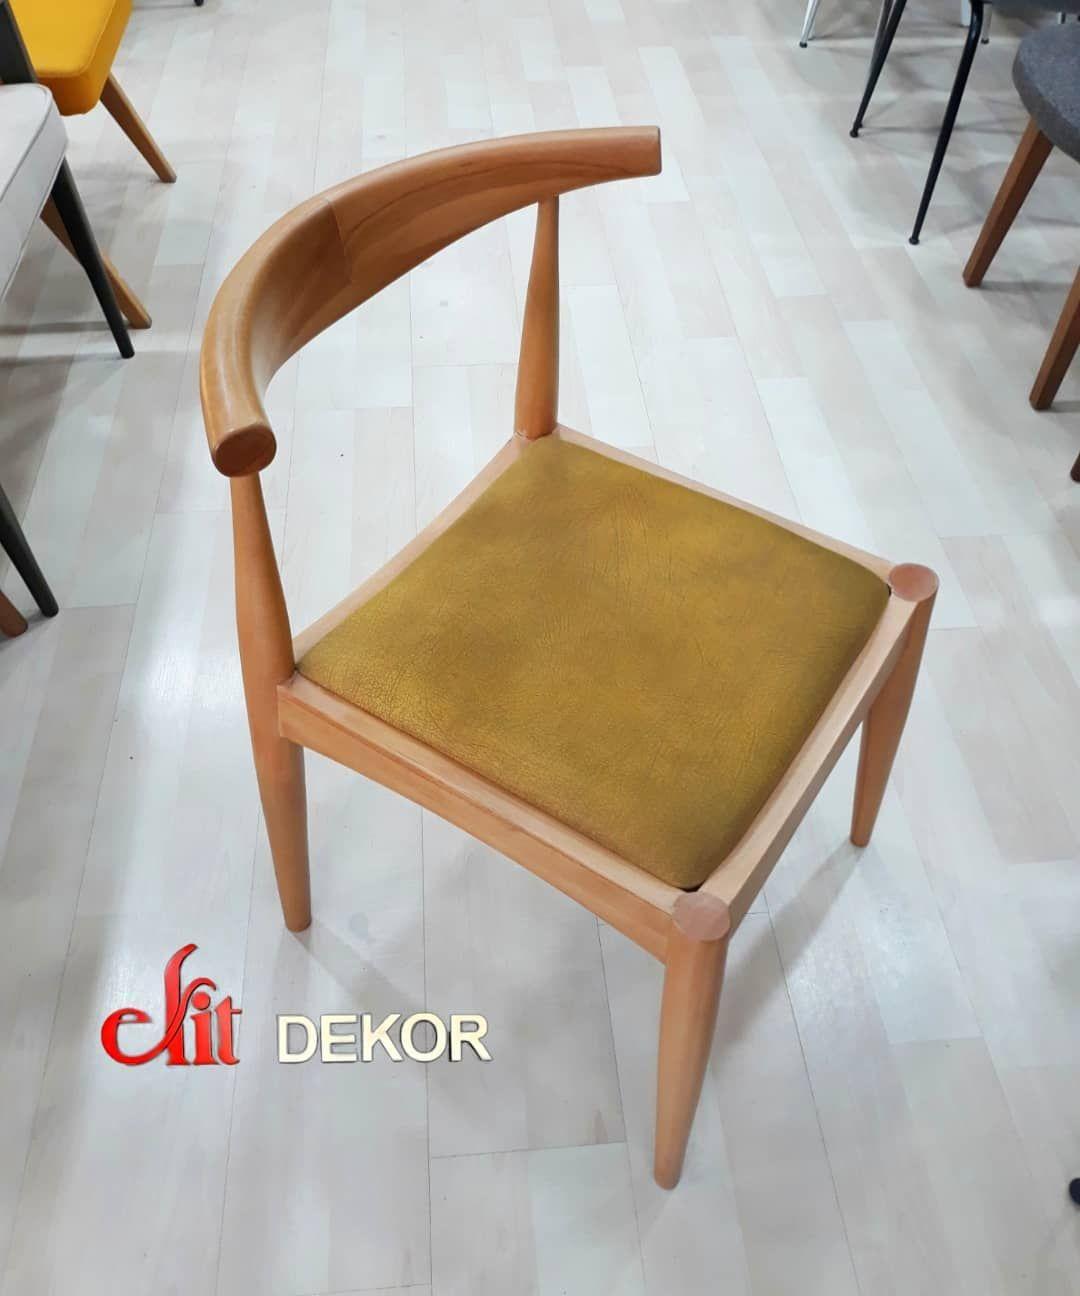 """💫🛋ELİT DEKOR sandalye masa🛋🏠 on Instagram: """"İmalattan satış😊🏠🌐#mobilyadekorasyon #birlikteyeneceğiz #birliktebaşaracağız #dekoratifurunler #dekorasyon #decoration #desing #desinghome…"""""""